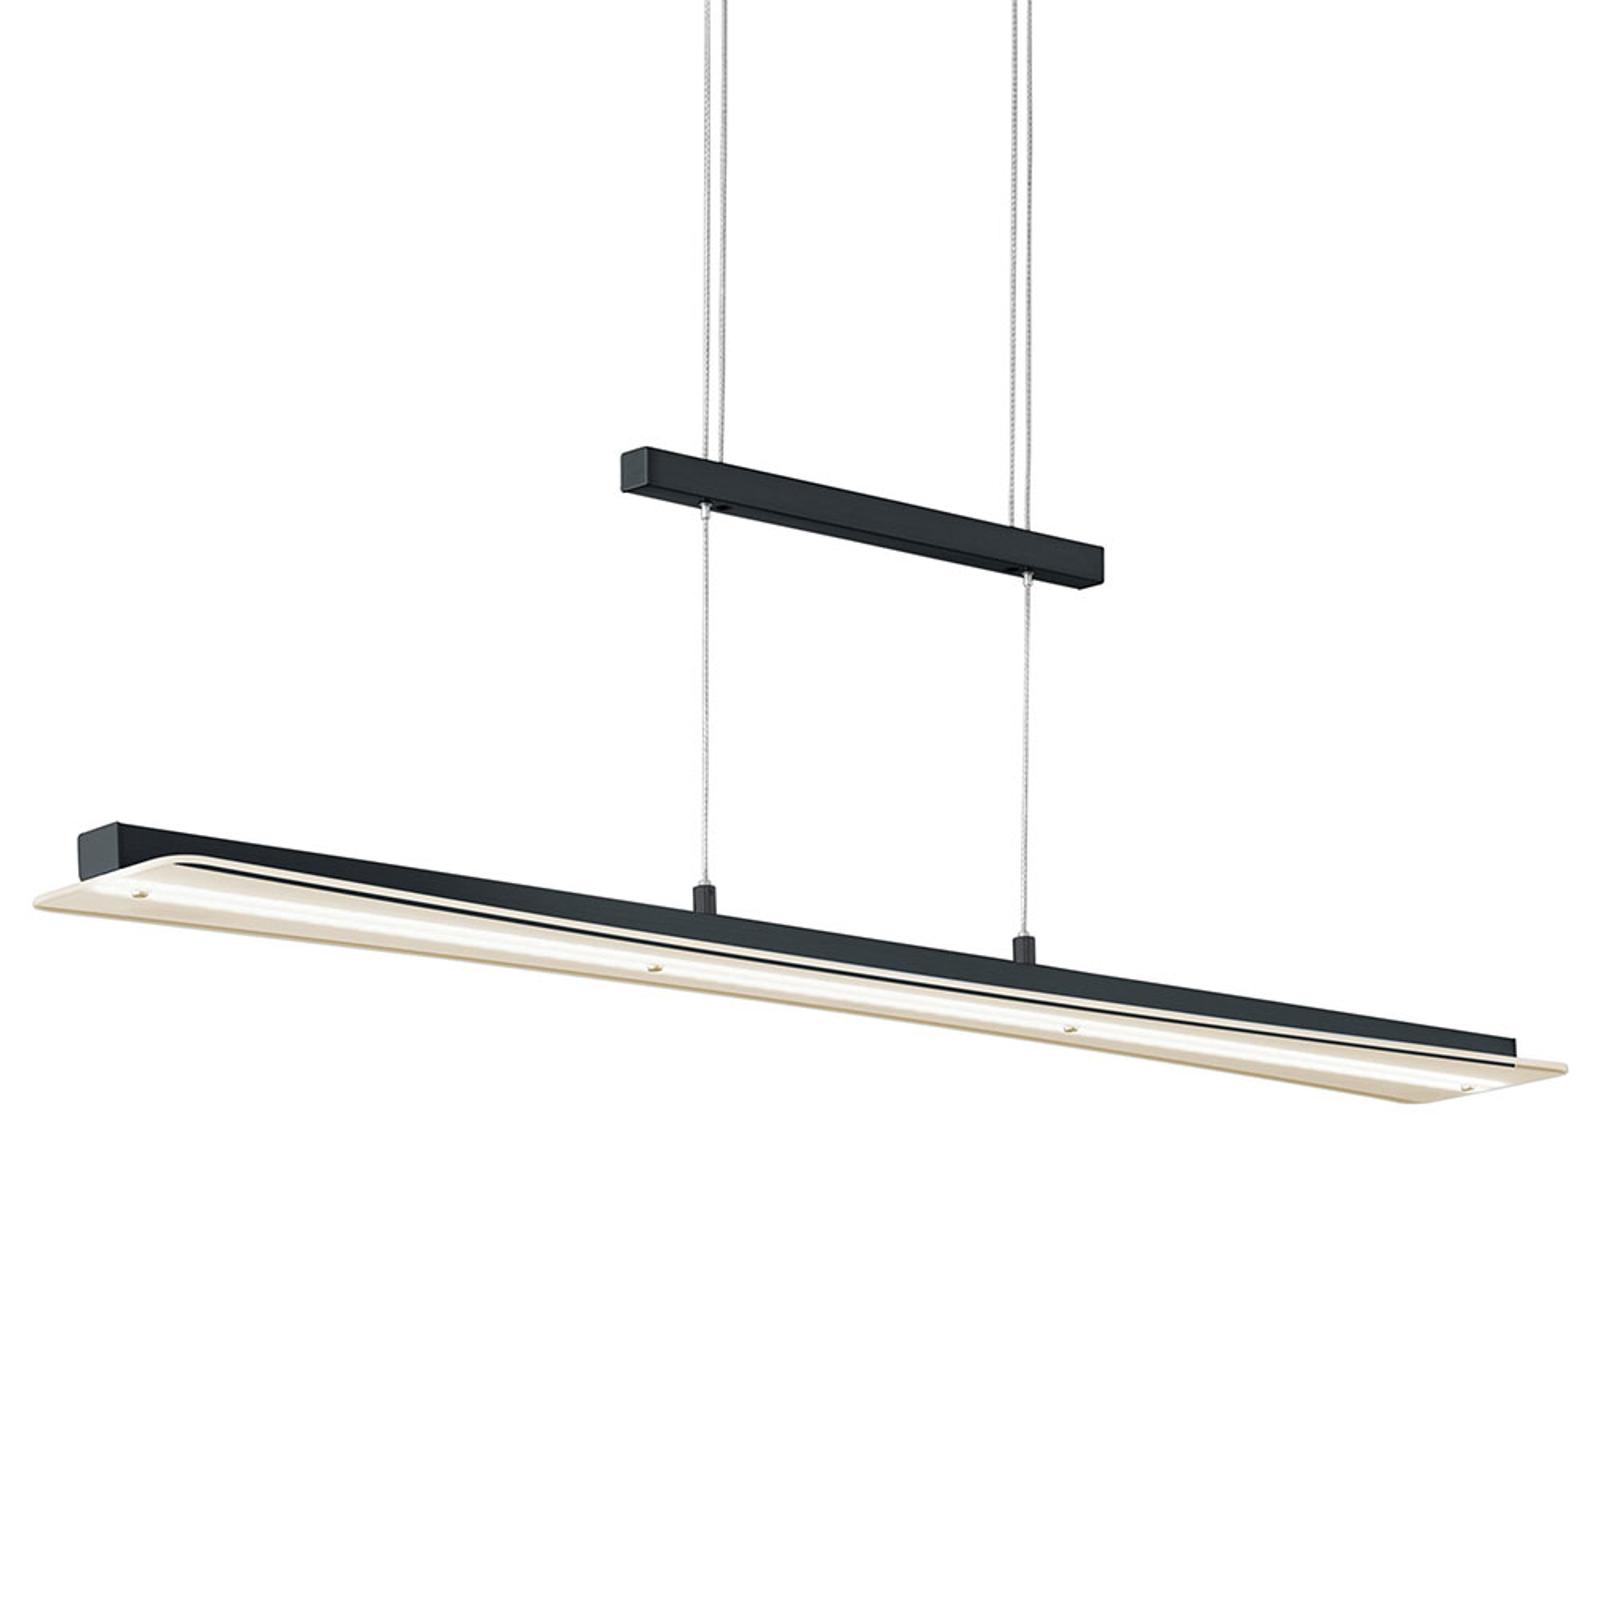 LED závěsné světlo Smash s funkcí CCT, černá